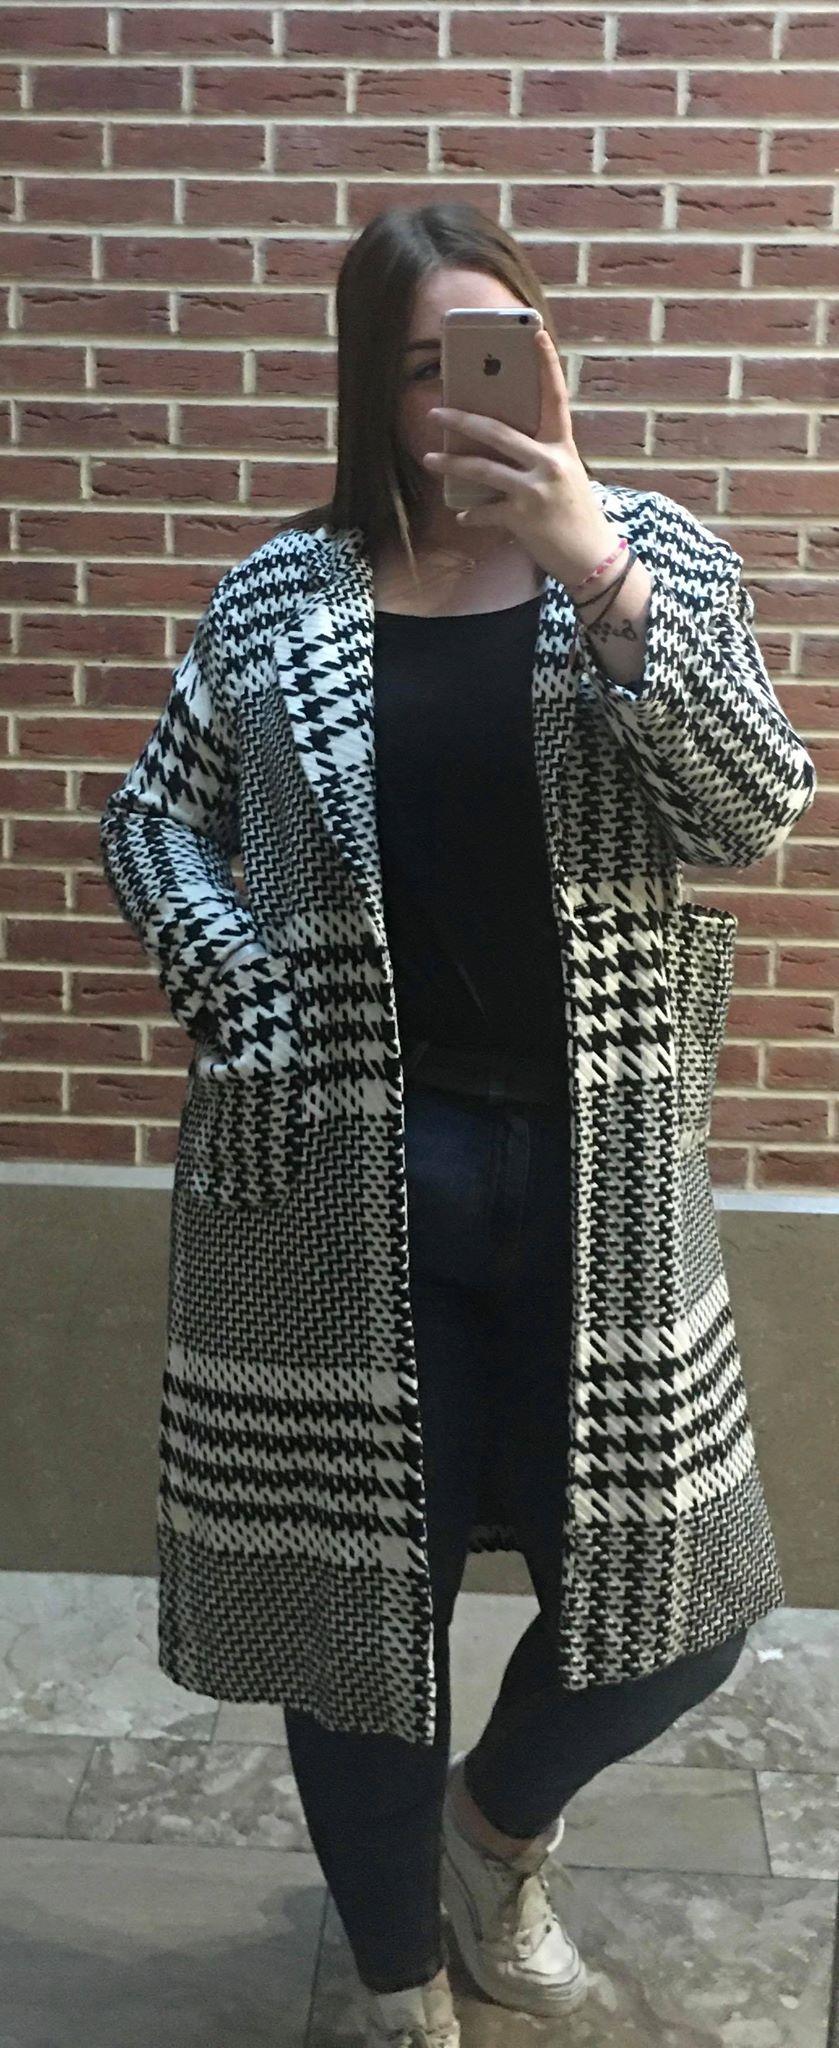 manteau noir et blanc  - MAN_NOI_BLA